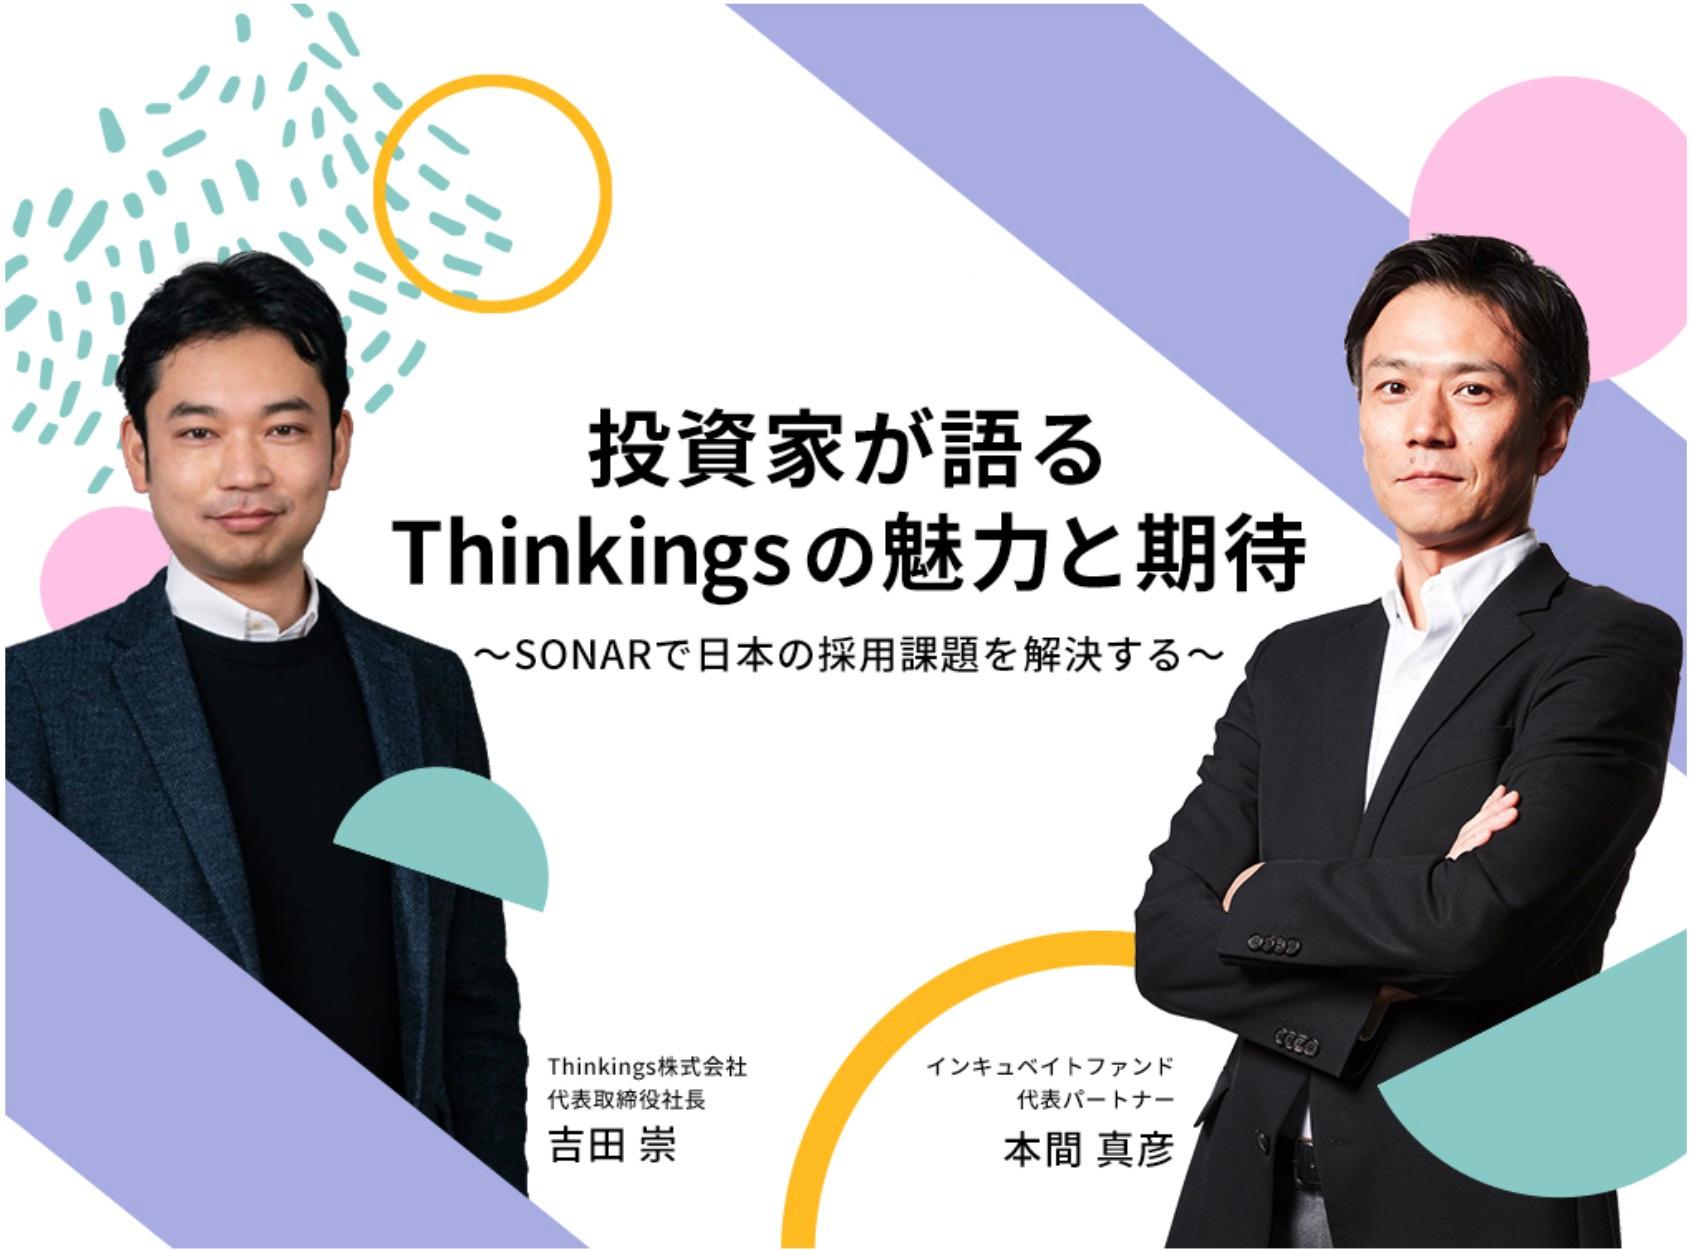 忙殺される採用担当者に、未来の仲間と向き合う本来の仕事を。日本の採用課題を解決するThinkingsの挑戦